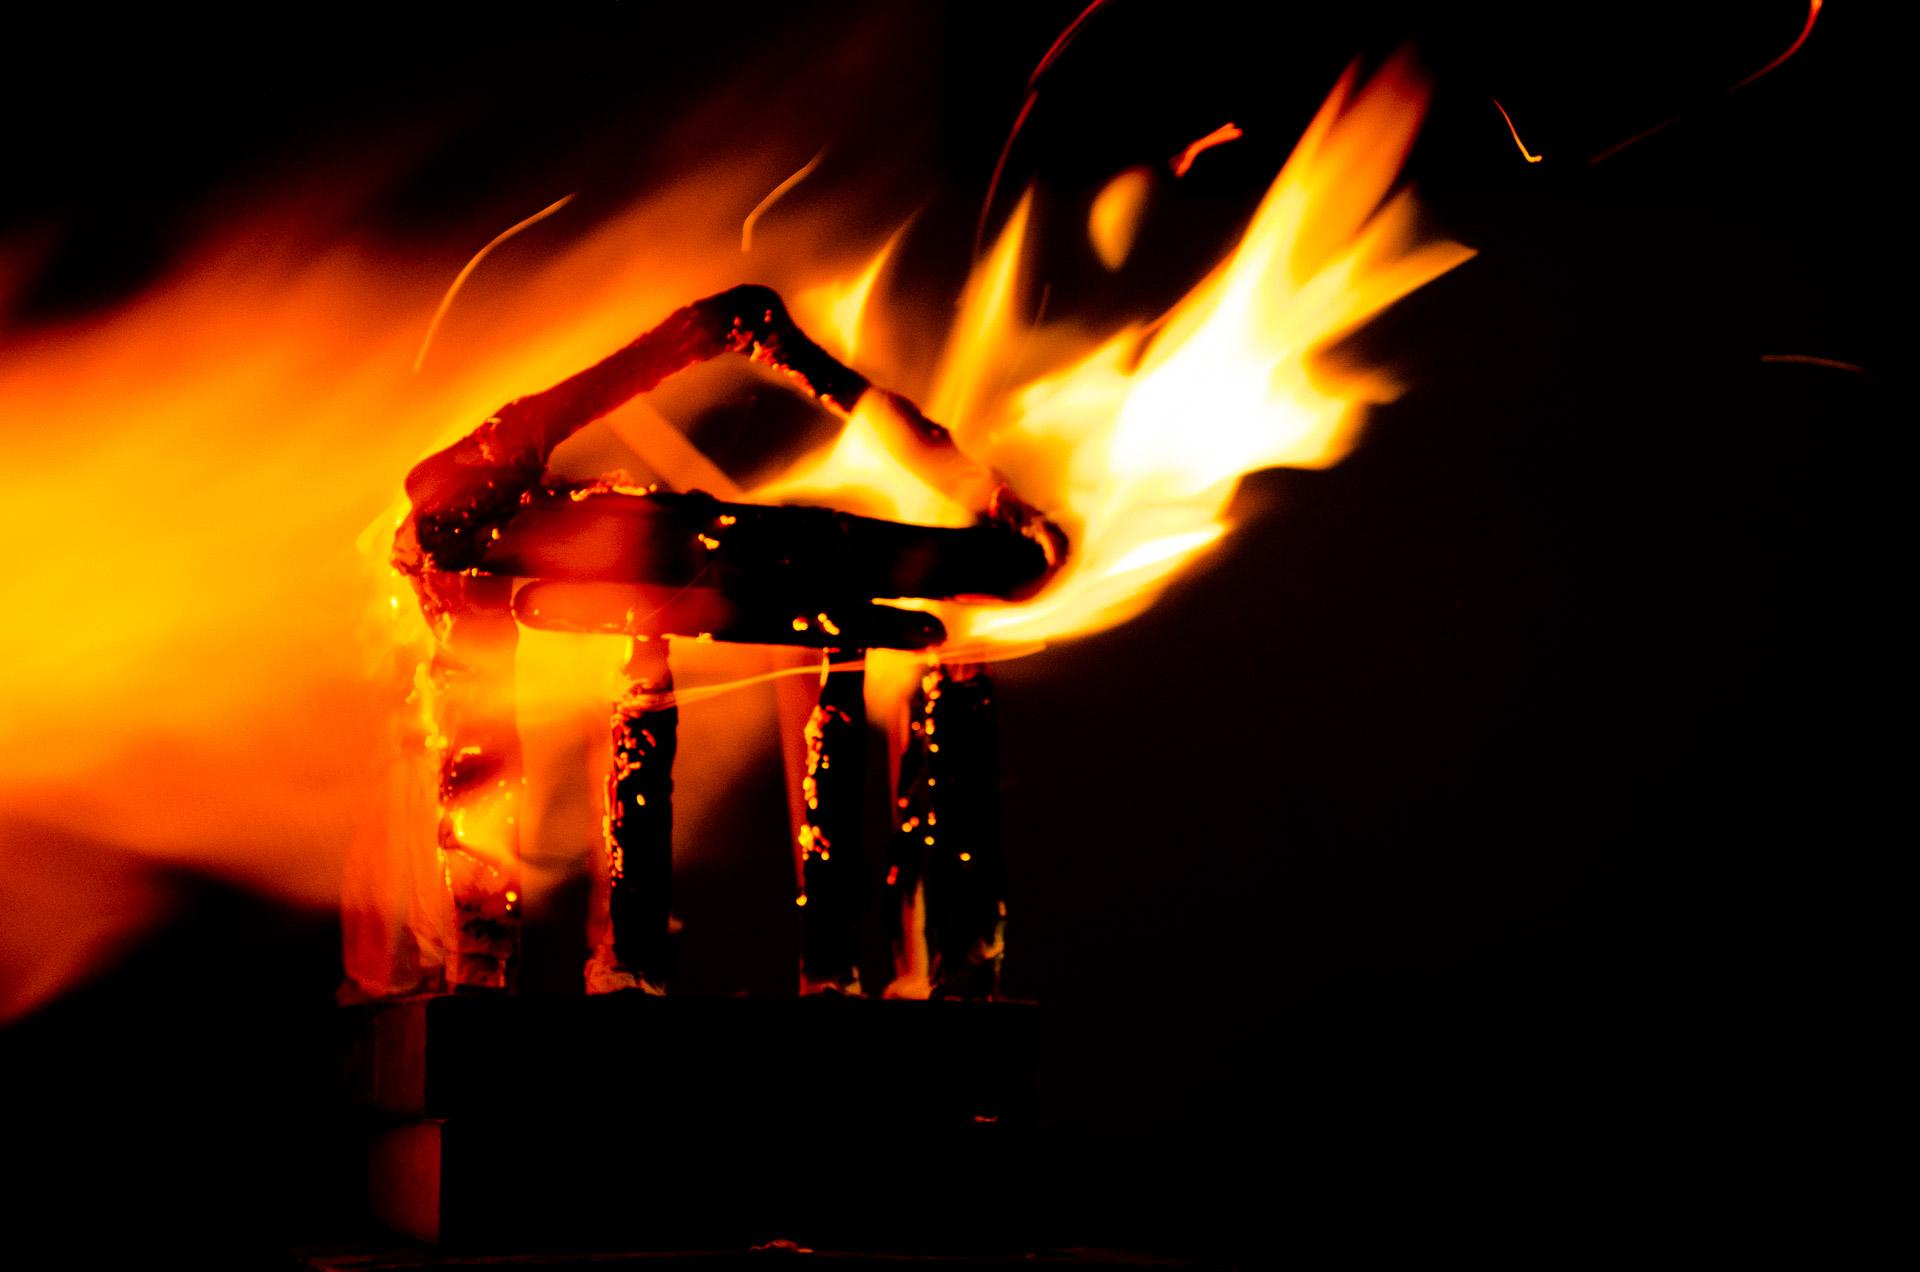 Naturaleza, Fuego, Arte